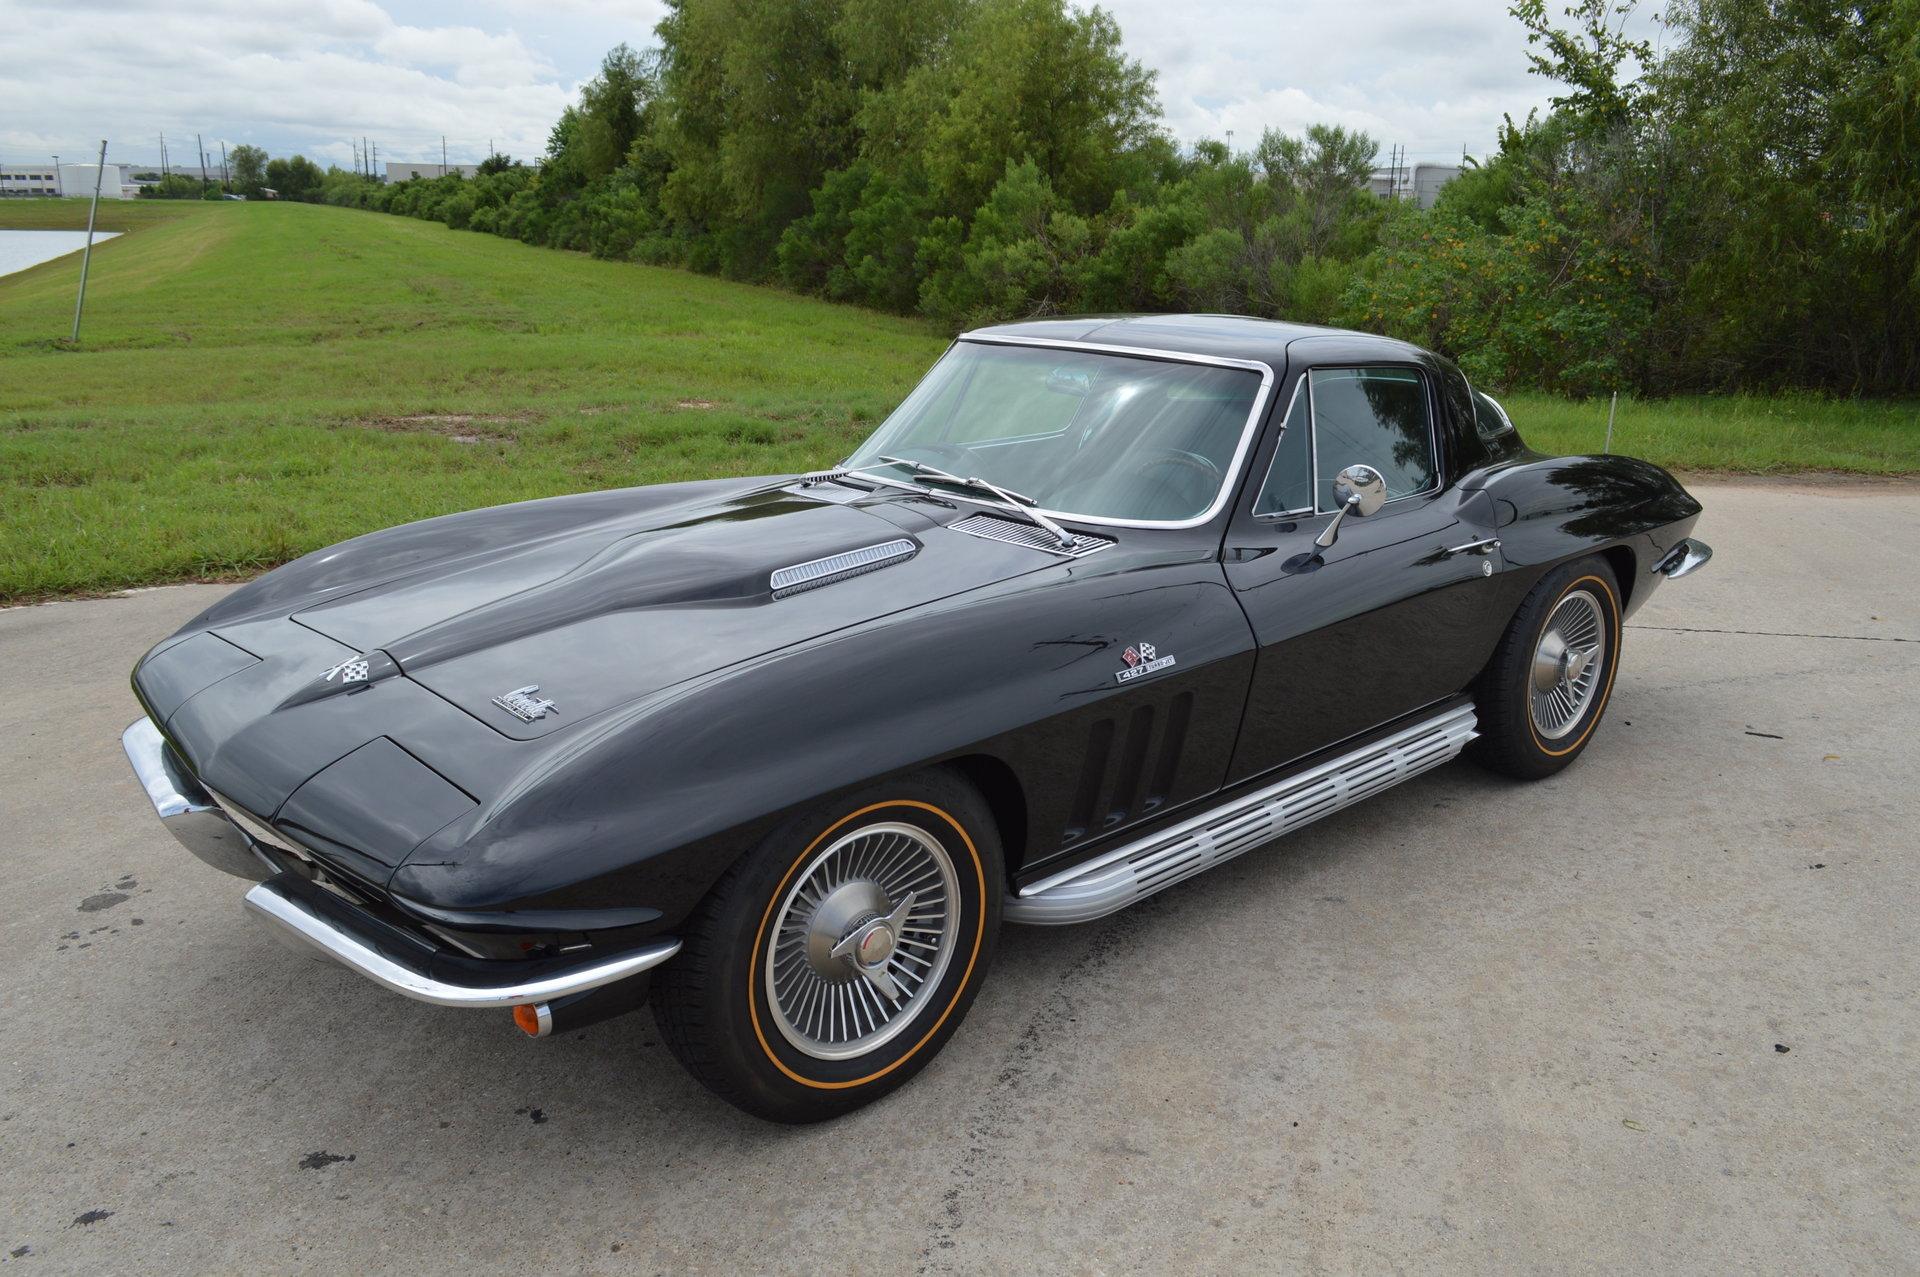 1966 Chevrolet Corvette Stingray Berlin Motors Chevy For Sale